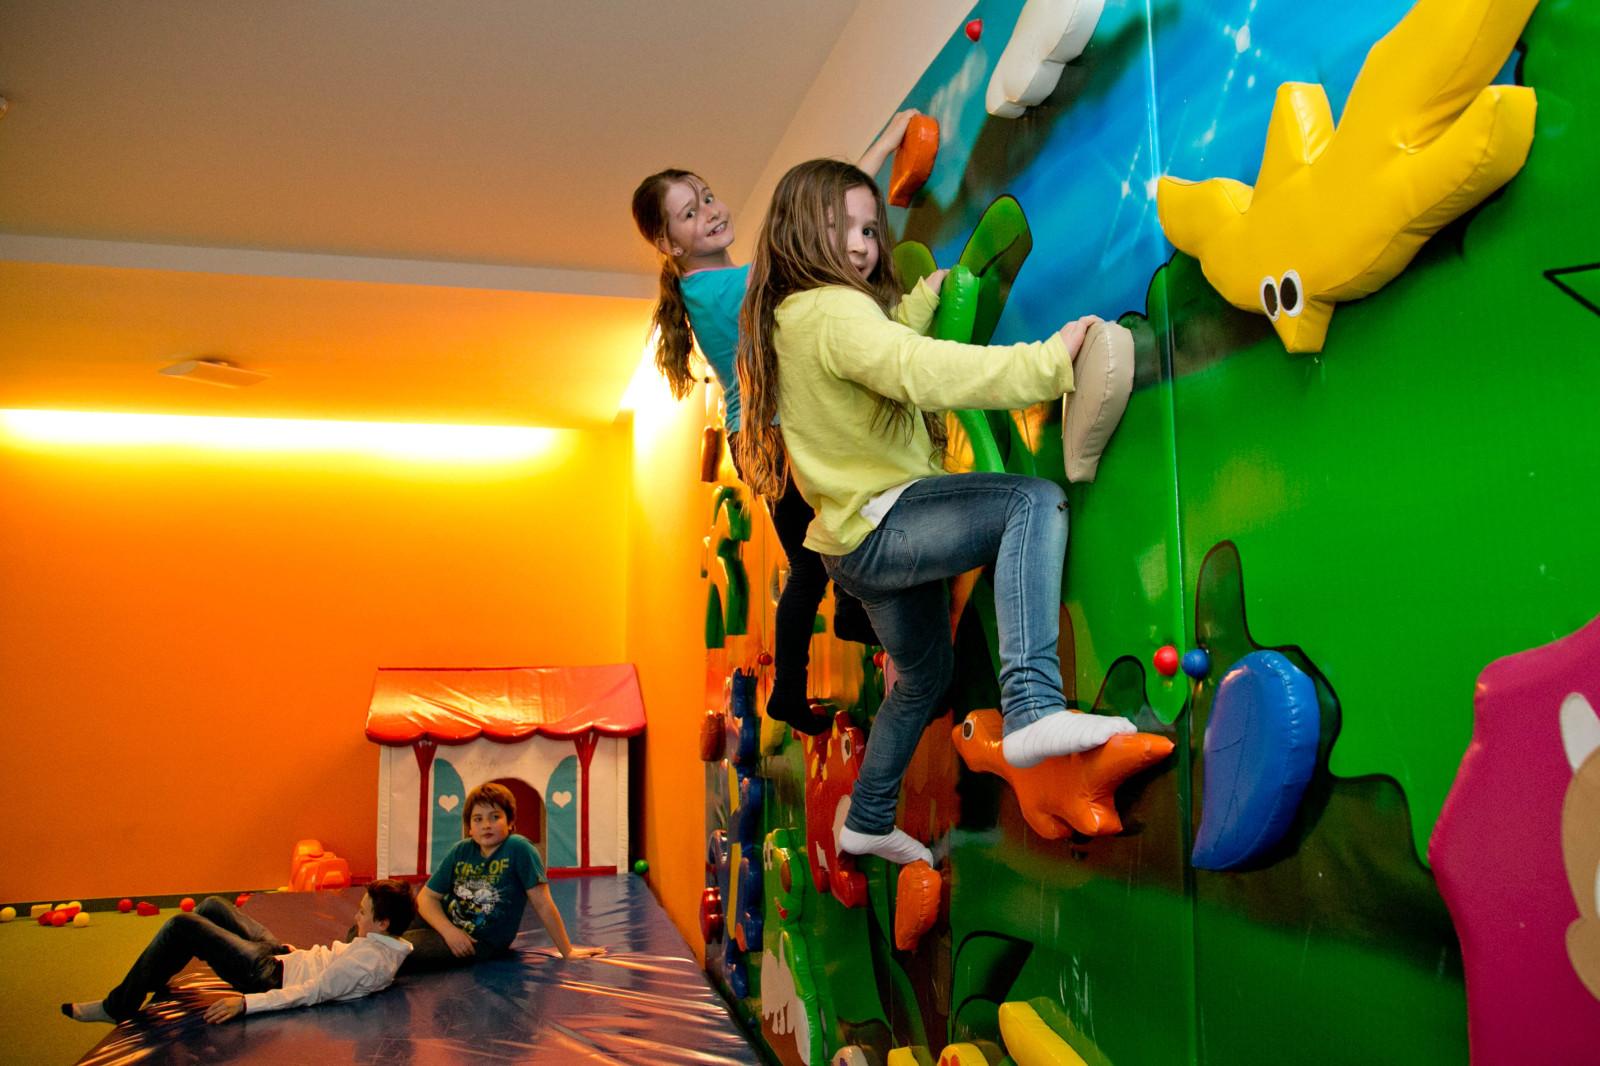 Kinderzimmer für die Kleineren